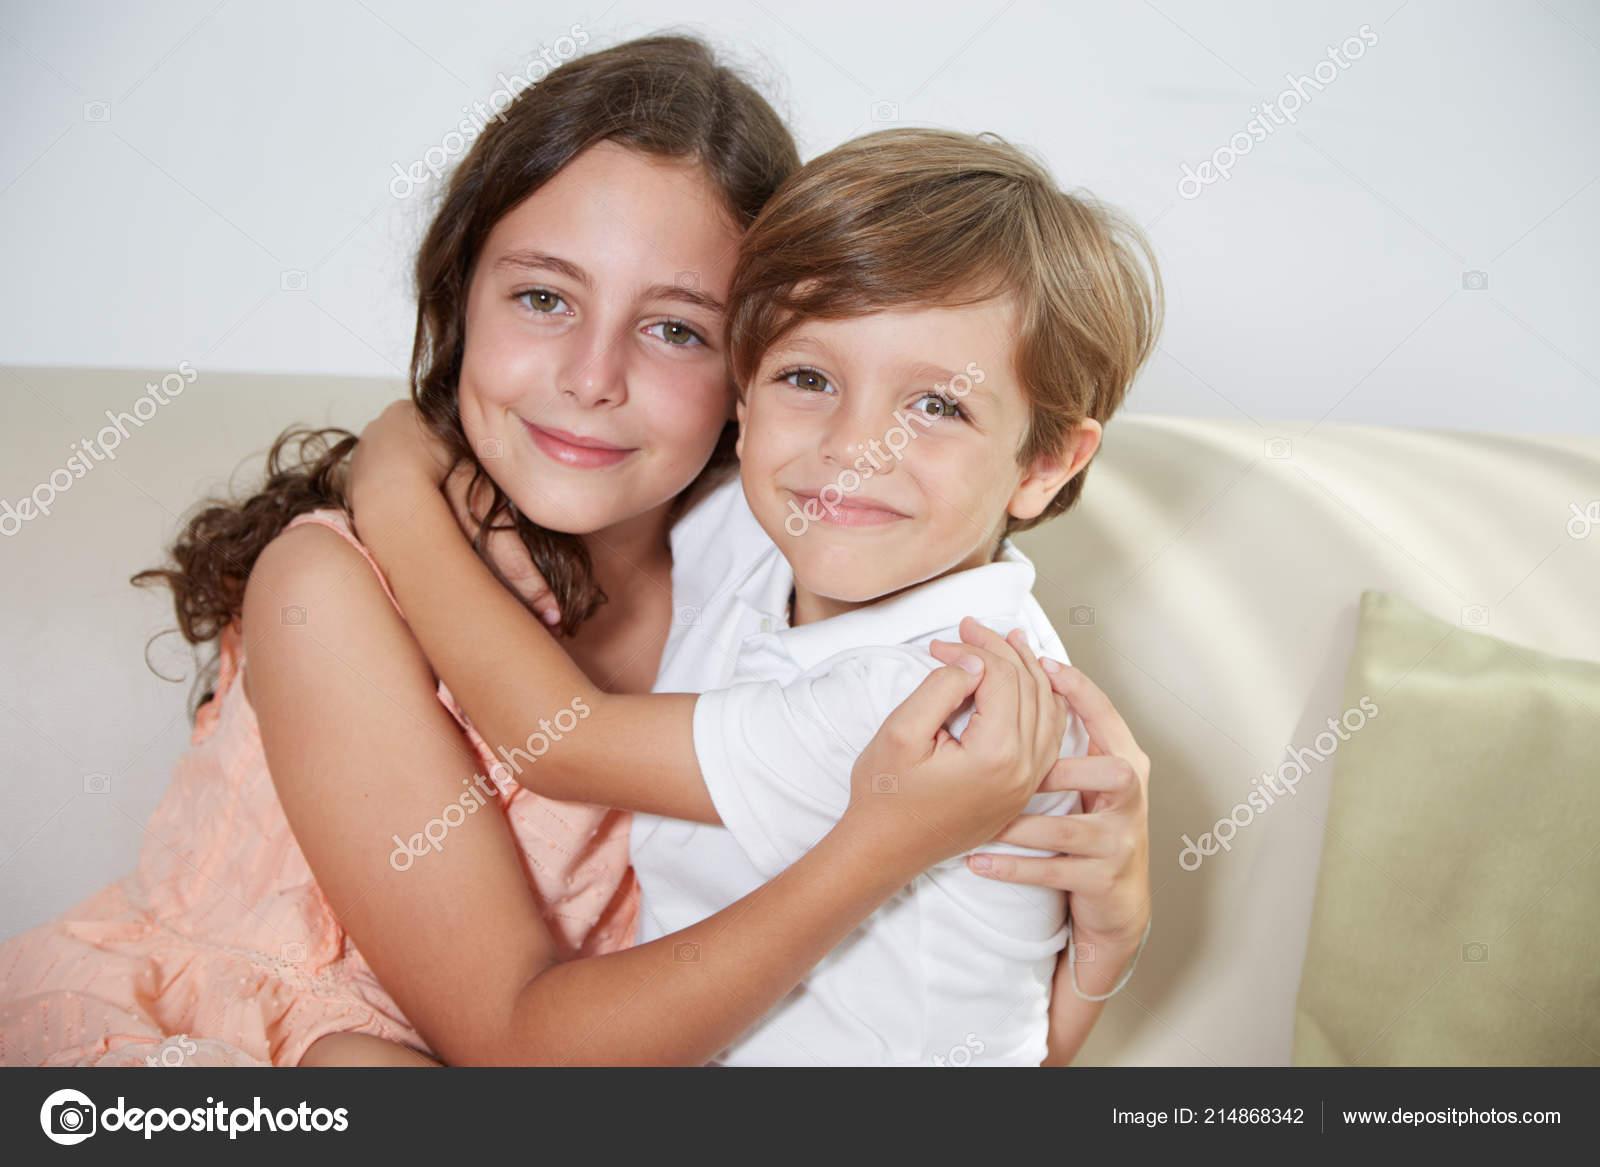 Секс истории брат и двоюродная сестра, Эротические рассказы Моя двоюродная сестренка 15 фотография